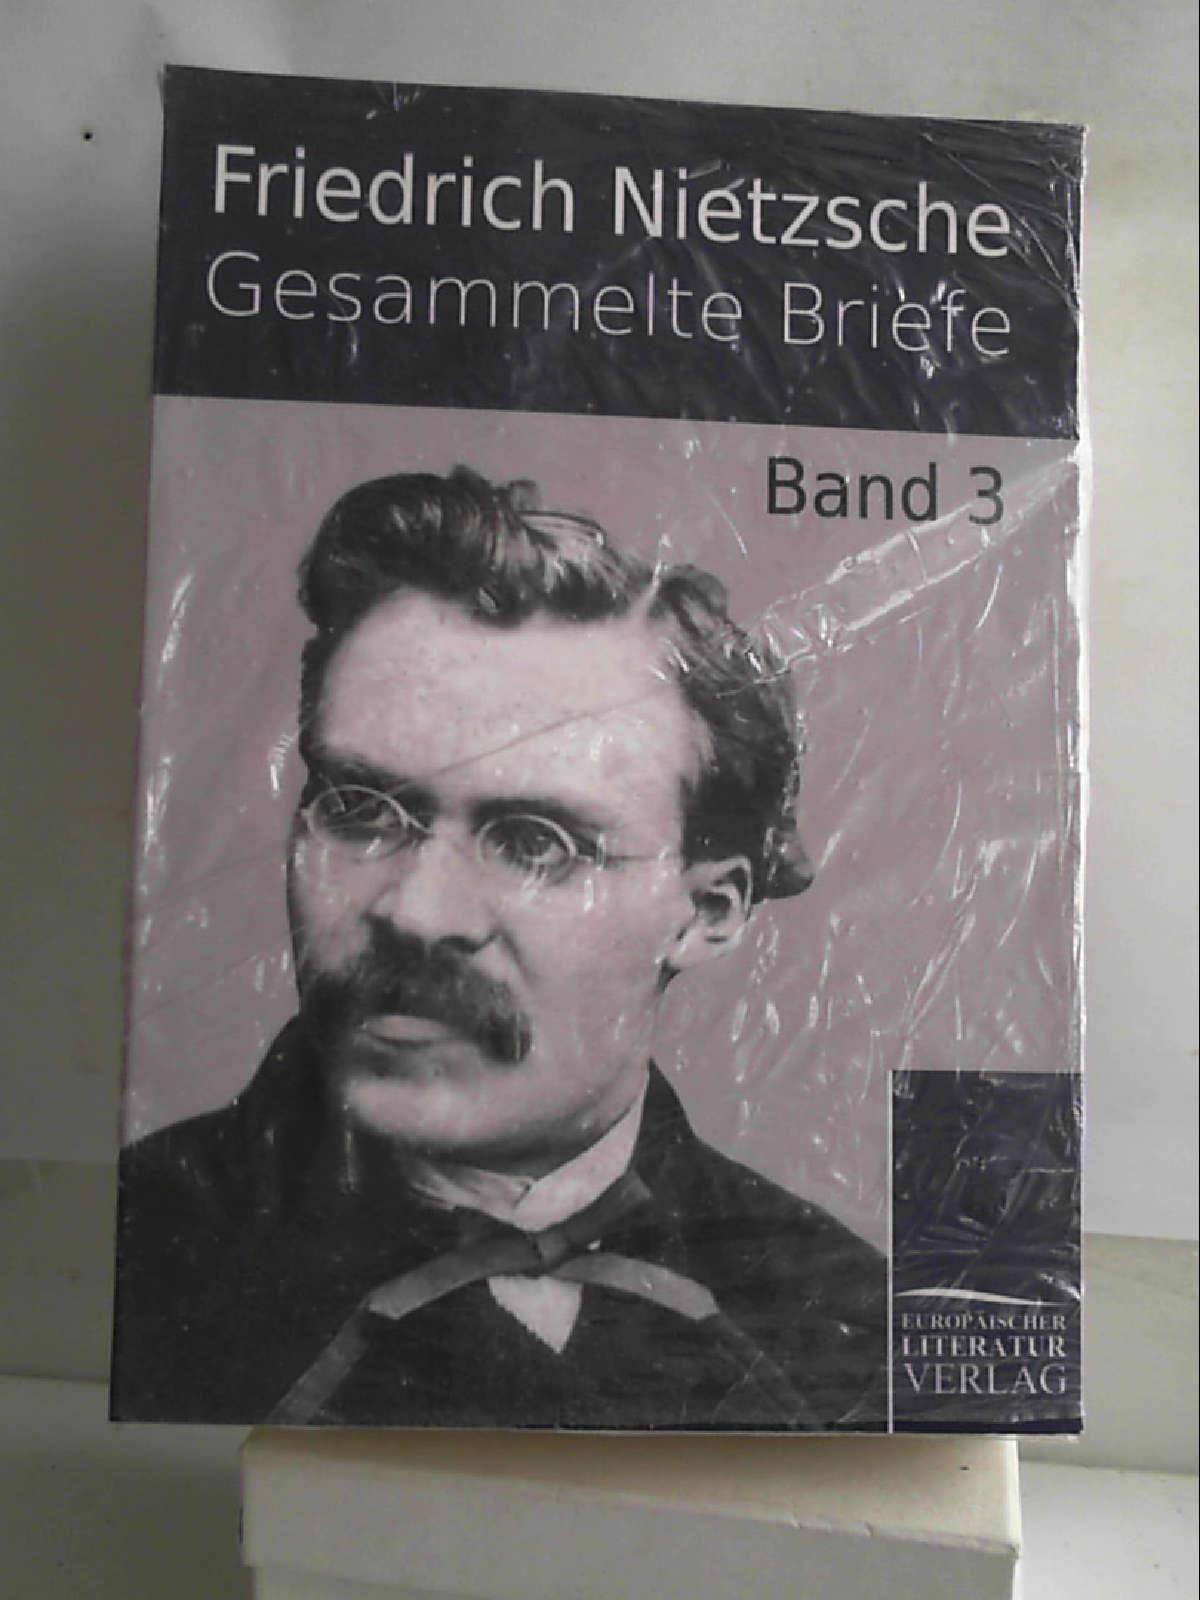 Gesammelte Briefe: Band 3 [Paperback] [Dec 01, 2010] Nietzsche, Friedrich - Friedrich Nietzsche